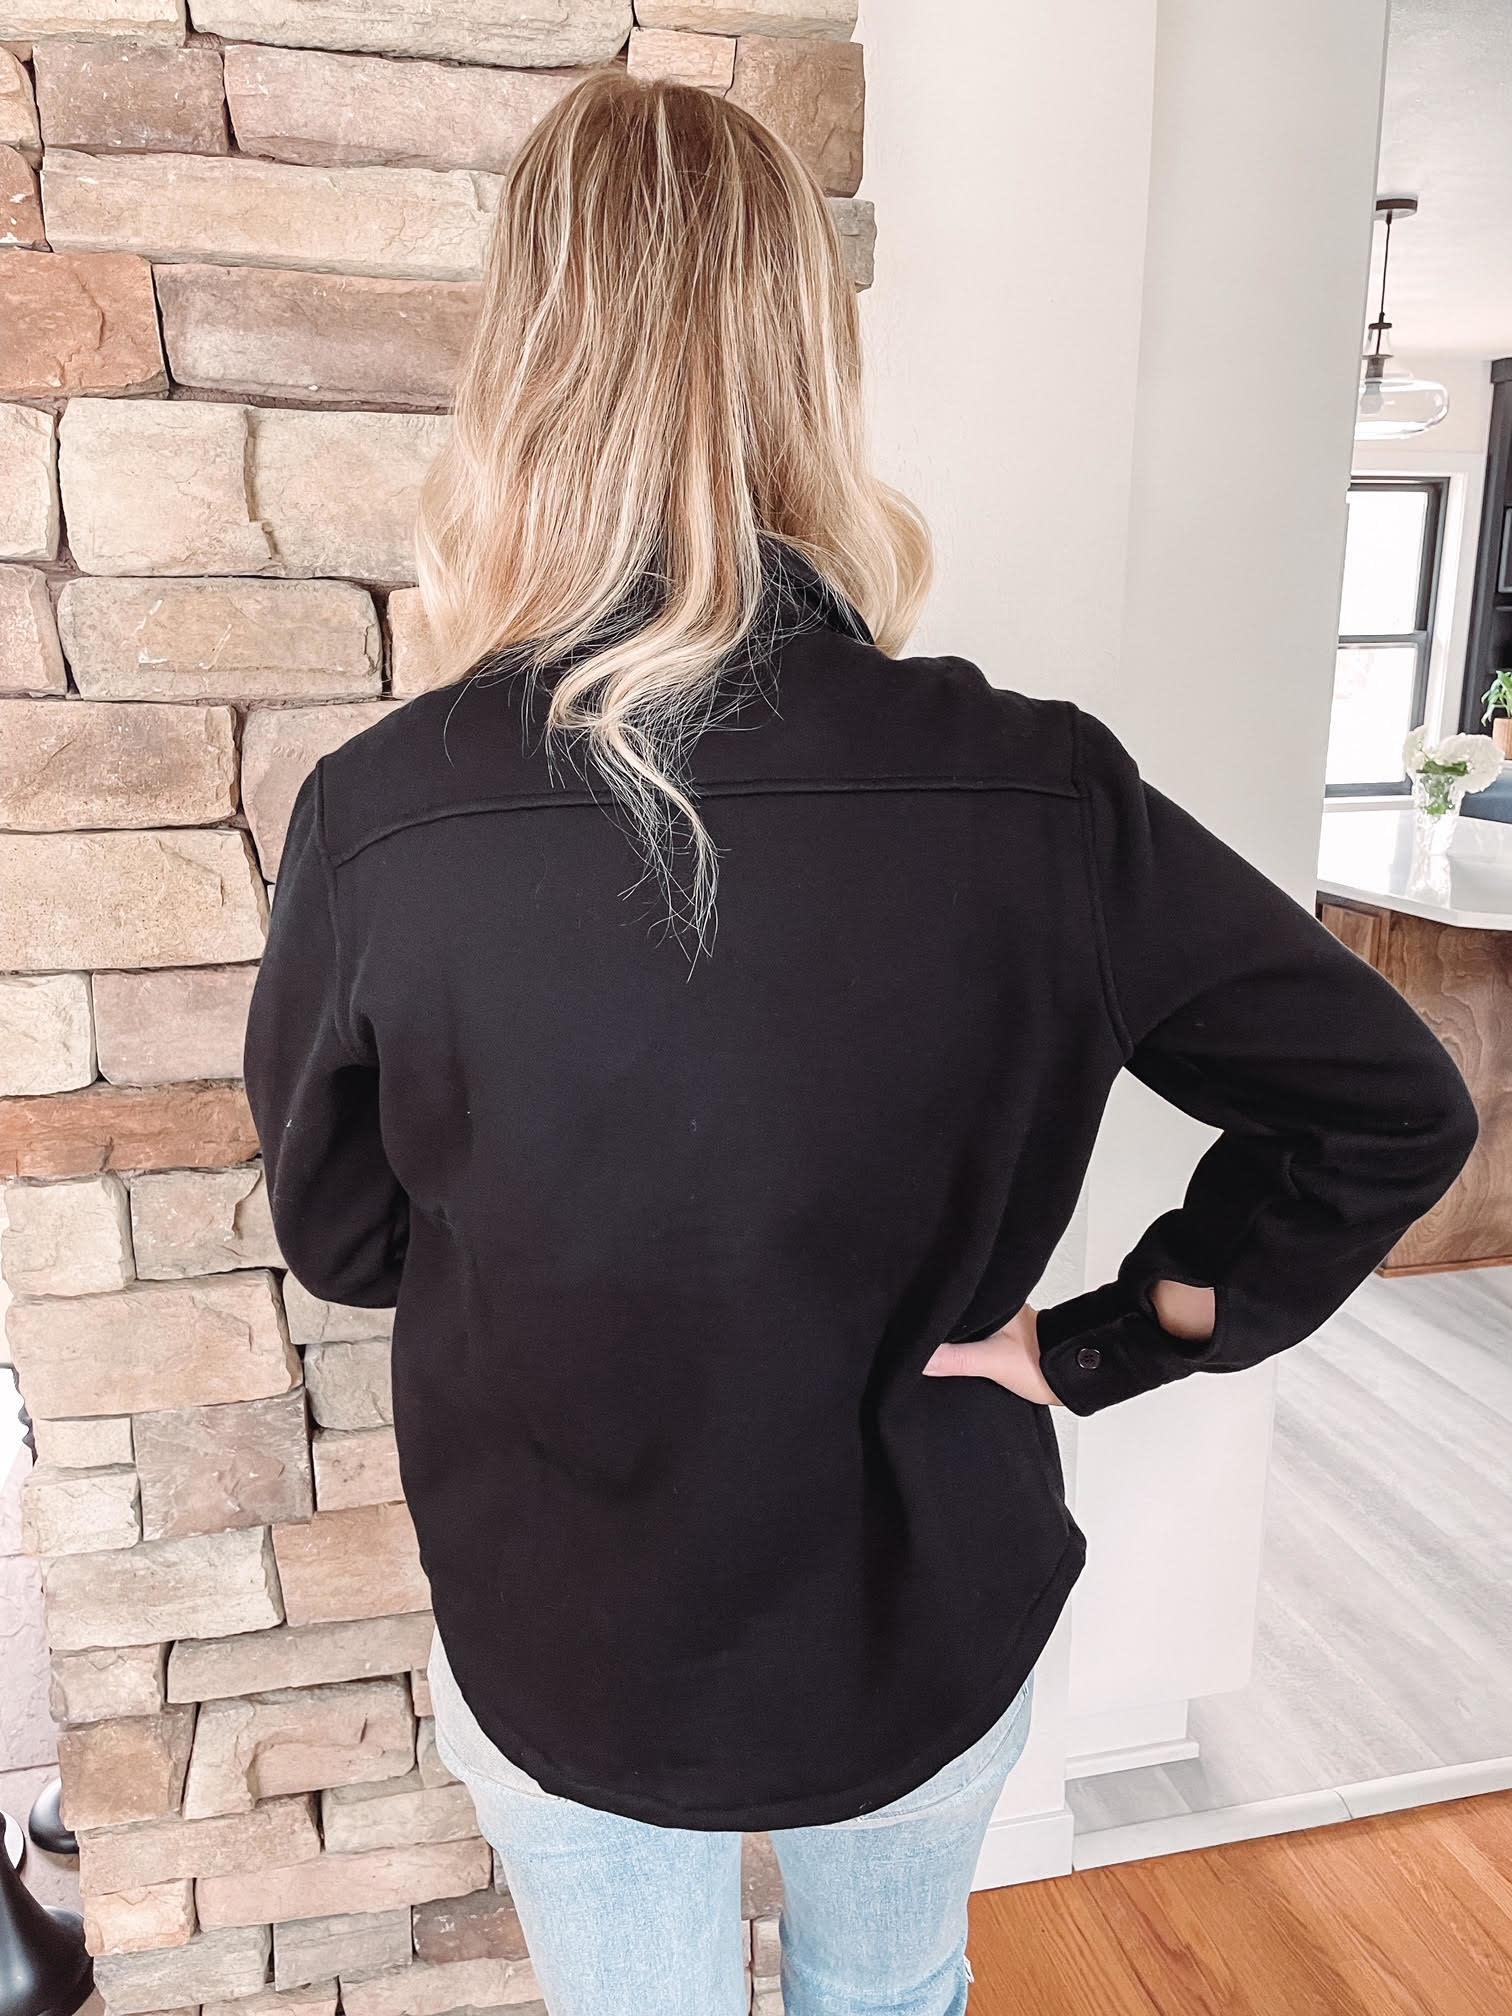 Jenn Black Fleece Jacket